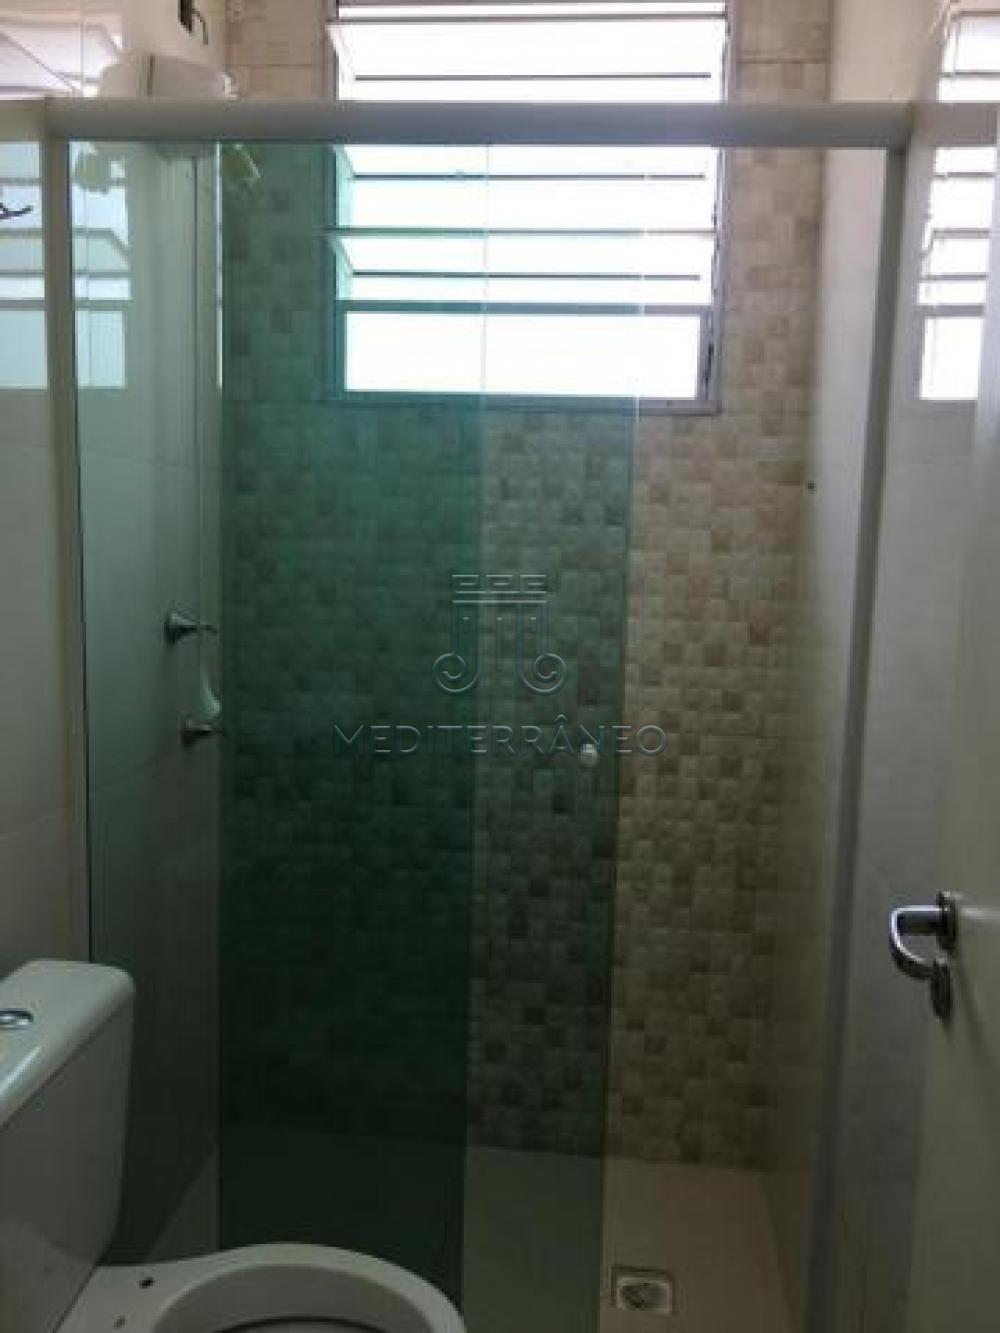 Comprar Apartamento / Padrão em Jundiaí apenas R$ 200.000,00 - Foto 9